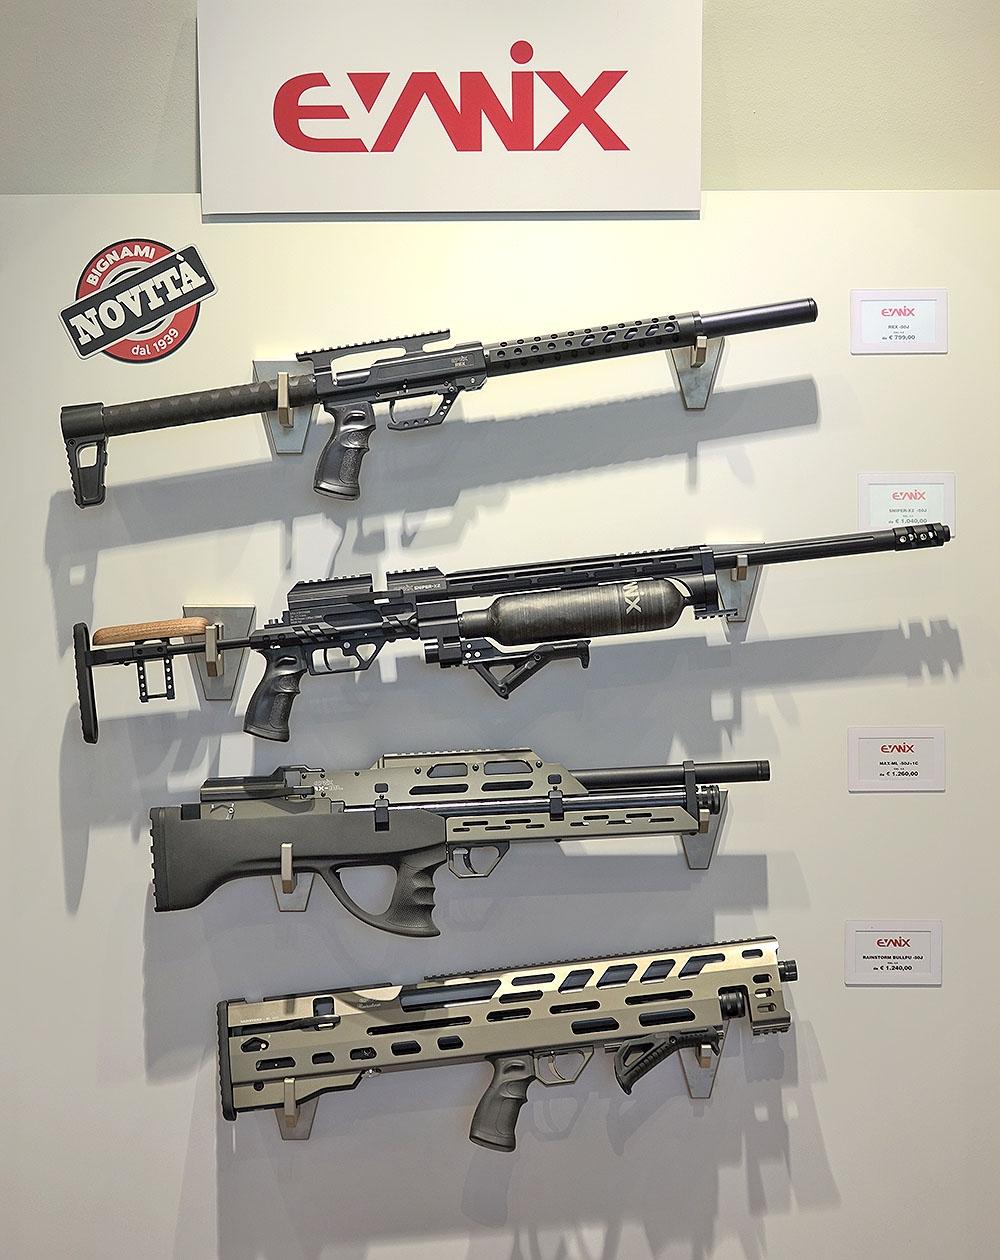 Le carabine ad aria compressa Evanix ad alto potenziale sono una novità assoluta per Bignami!